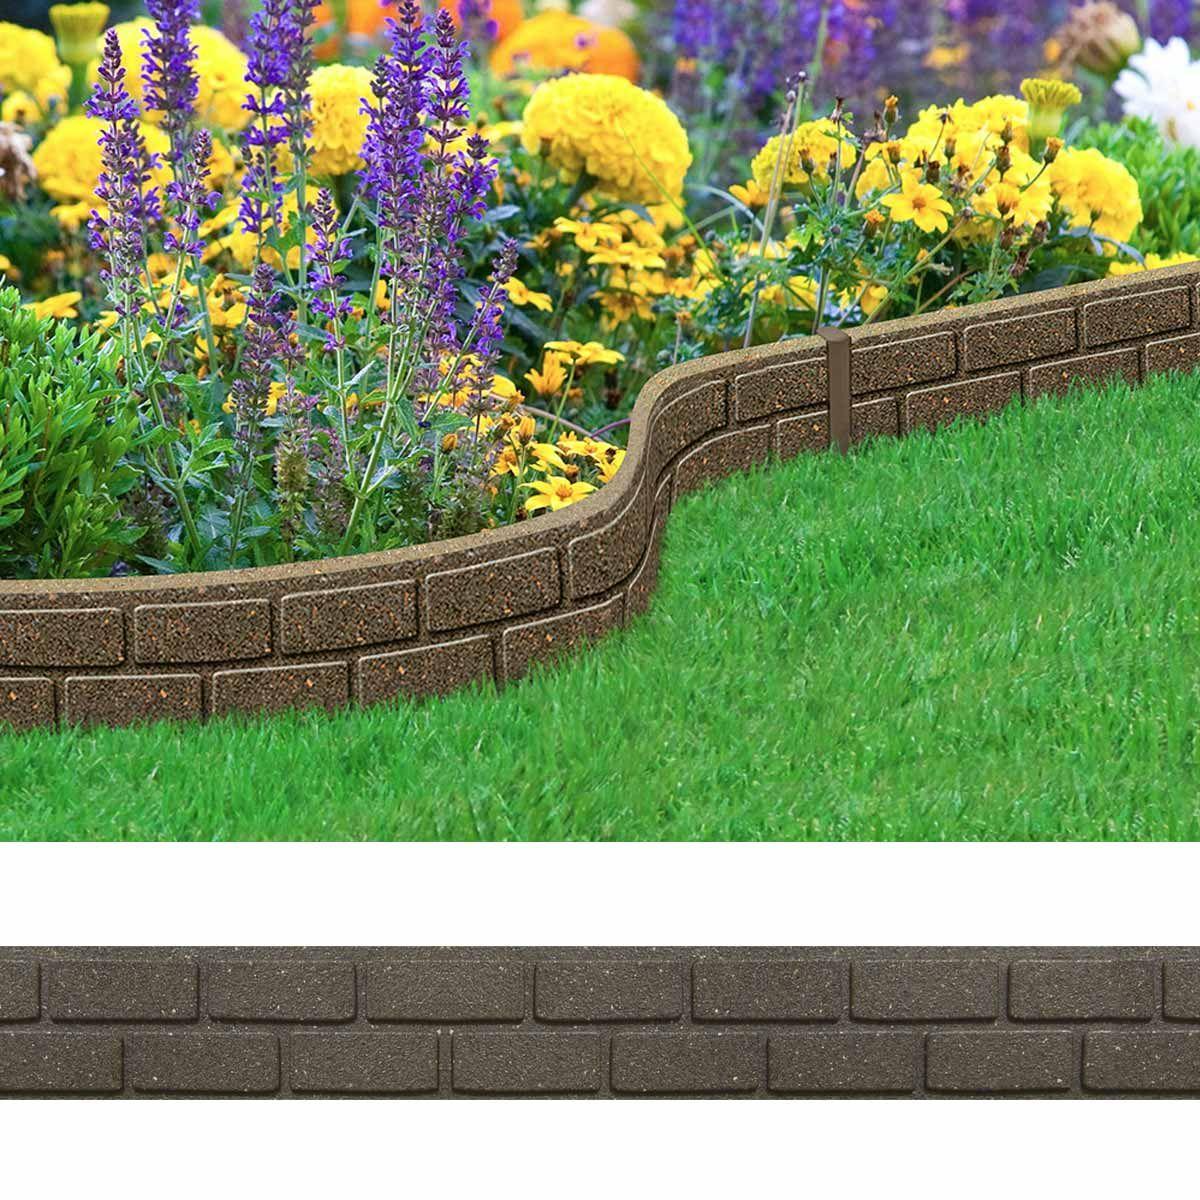 Bordure De Jardin Effet Briques 120cm Caoutchouc Recycla C Com